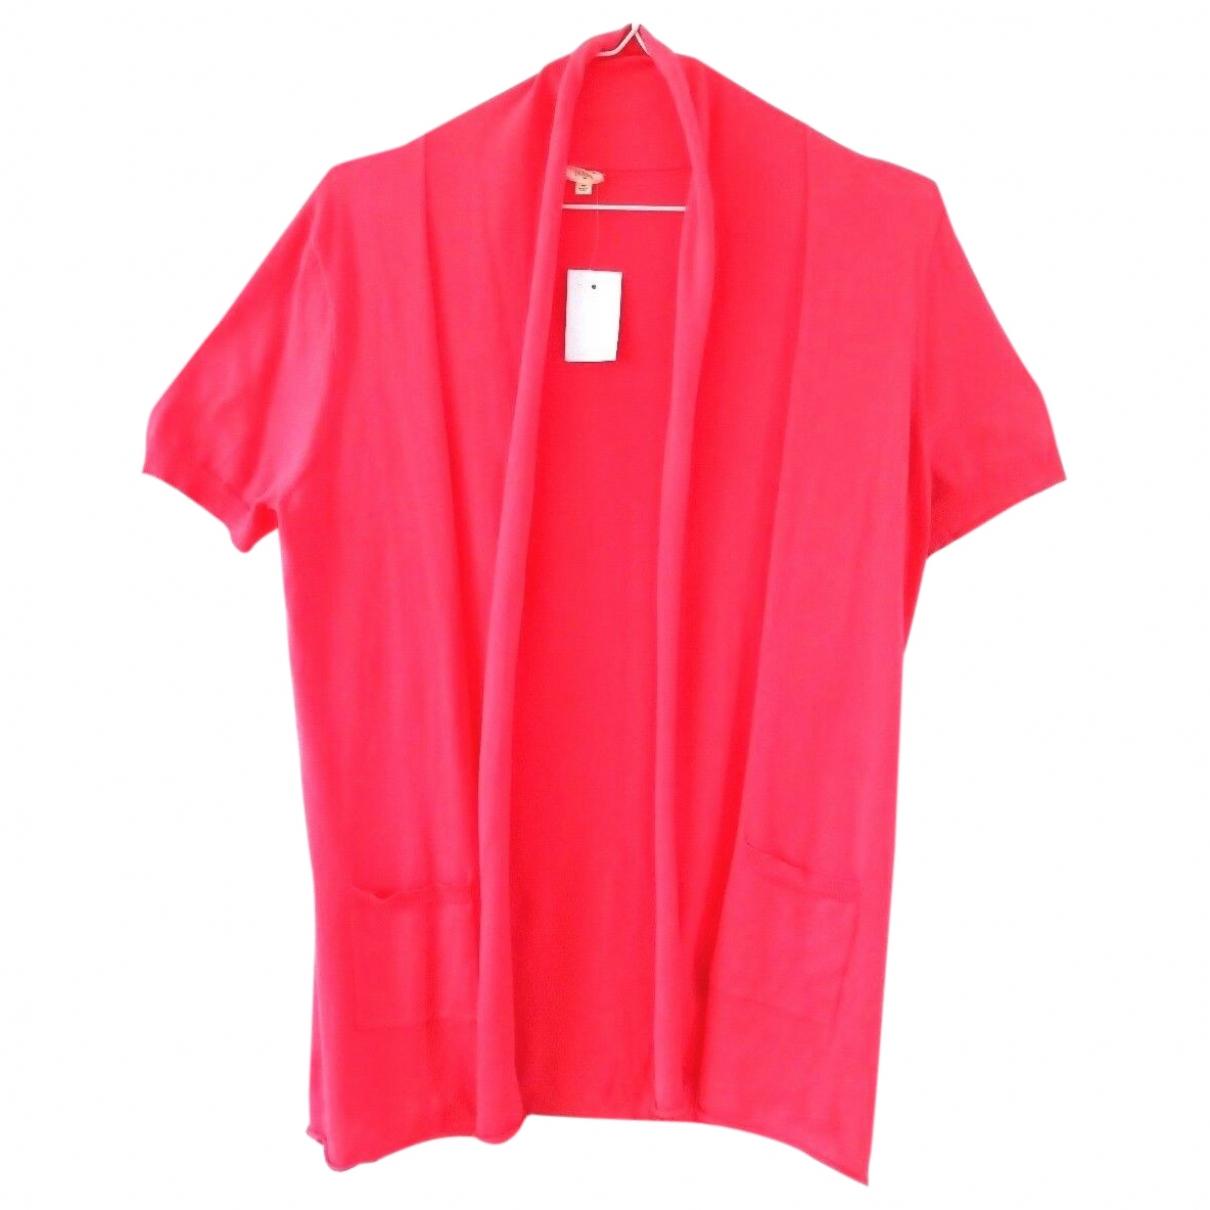 J.crew - Pull   pour femme en coton - rose